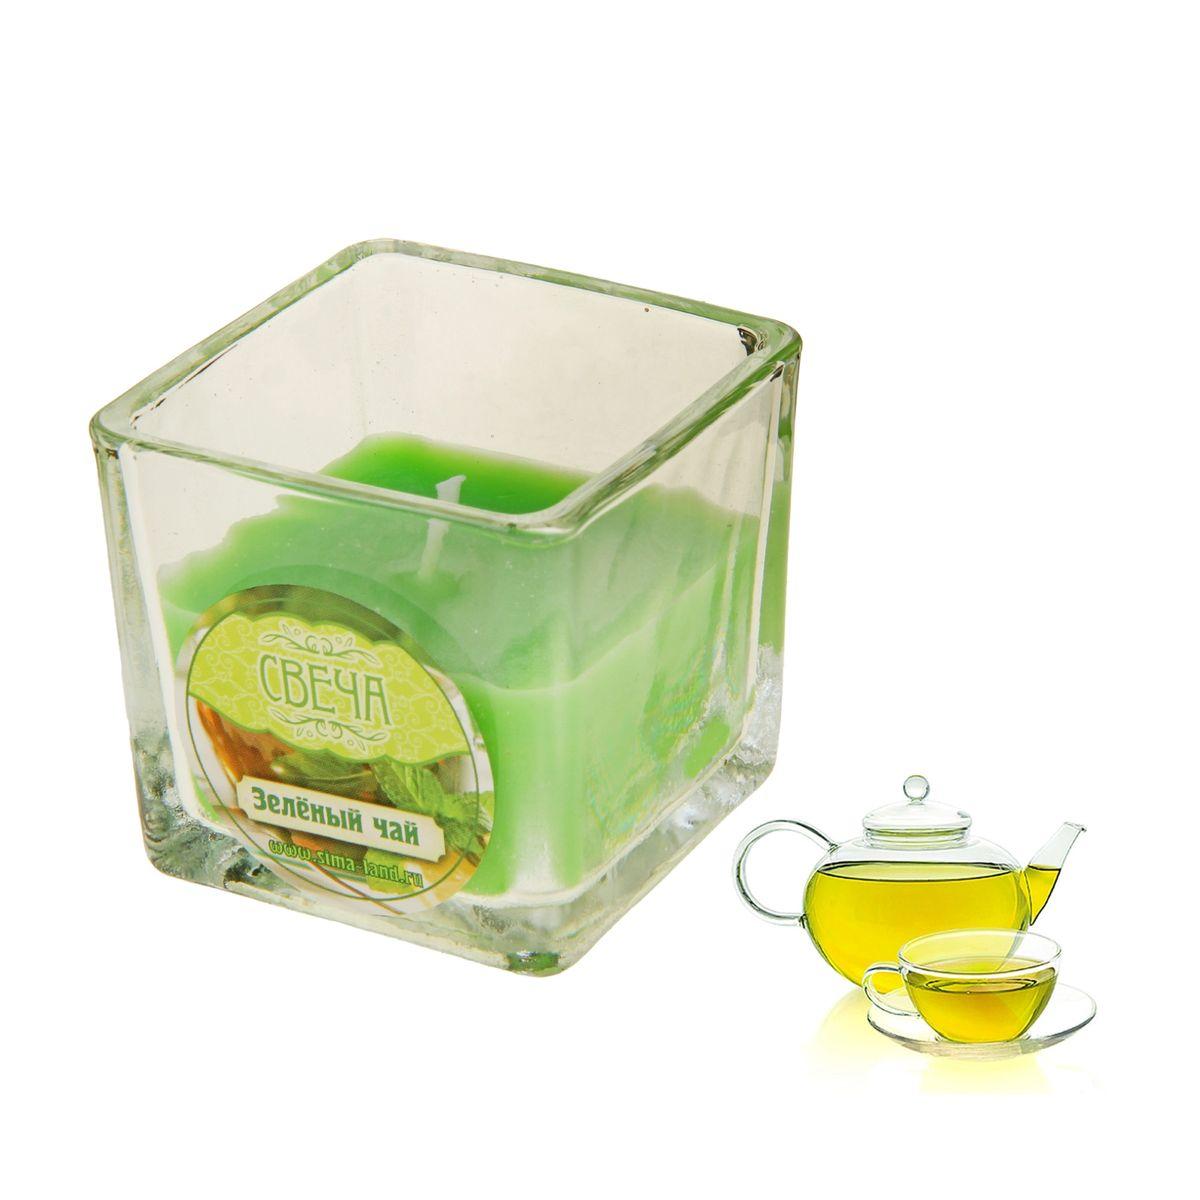 Свеча ароматизированная Sima-land Зеленый чай, высота 5 смES-412Ароматизированная свеча Sima-land Зеленый чай изготовлена из воска и расположена в стеклянном стакане. Изделие отличается оригинальным дизайном и приятным ароматом. Такая свеча может стать отличным подарком или создаст незабываемую атмосферу праздника в вашем доме.